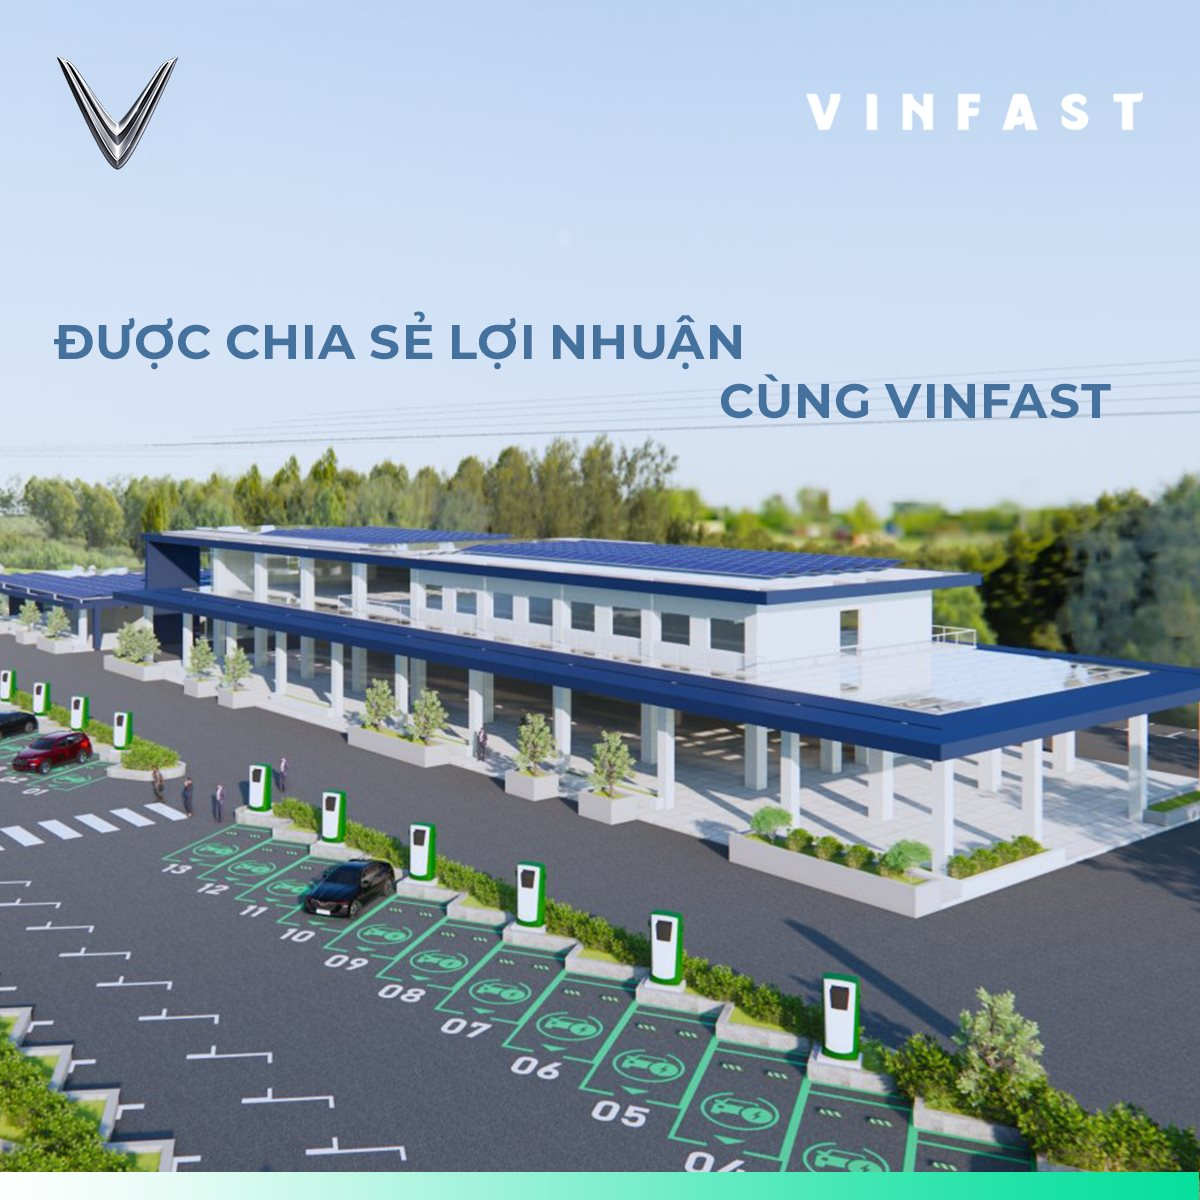 Cách đăng ký làm đối tác đặt trạm sạc xe điện VinFast 4565